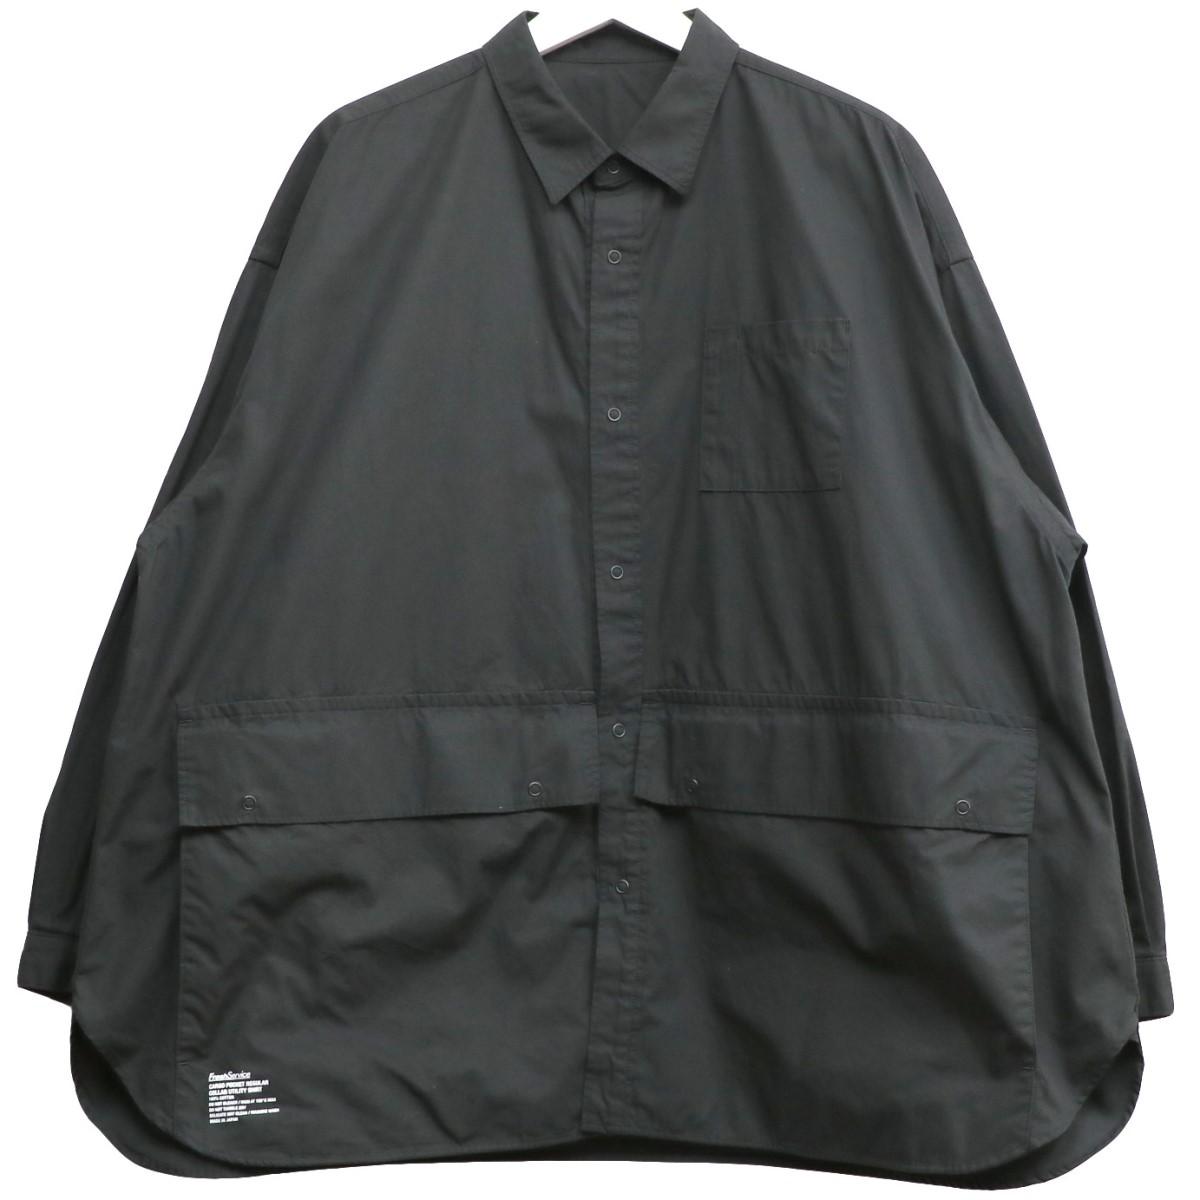 【中古】Fresh Service 20SS Pocket Utility Shirtスナップボタンオーバーサイズシャツジャケット ブラック サイズ:Free 【260820】(フレッシュサービス)